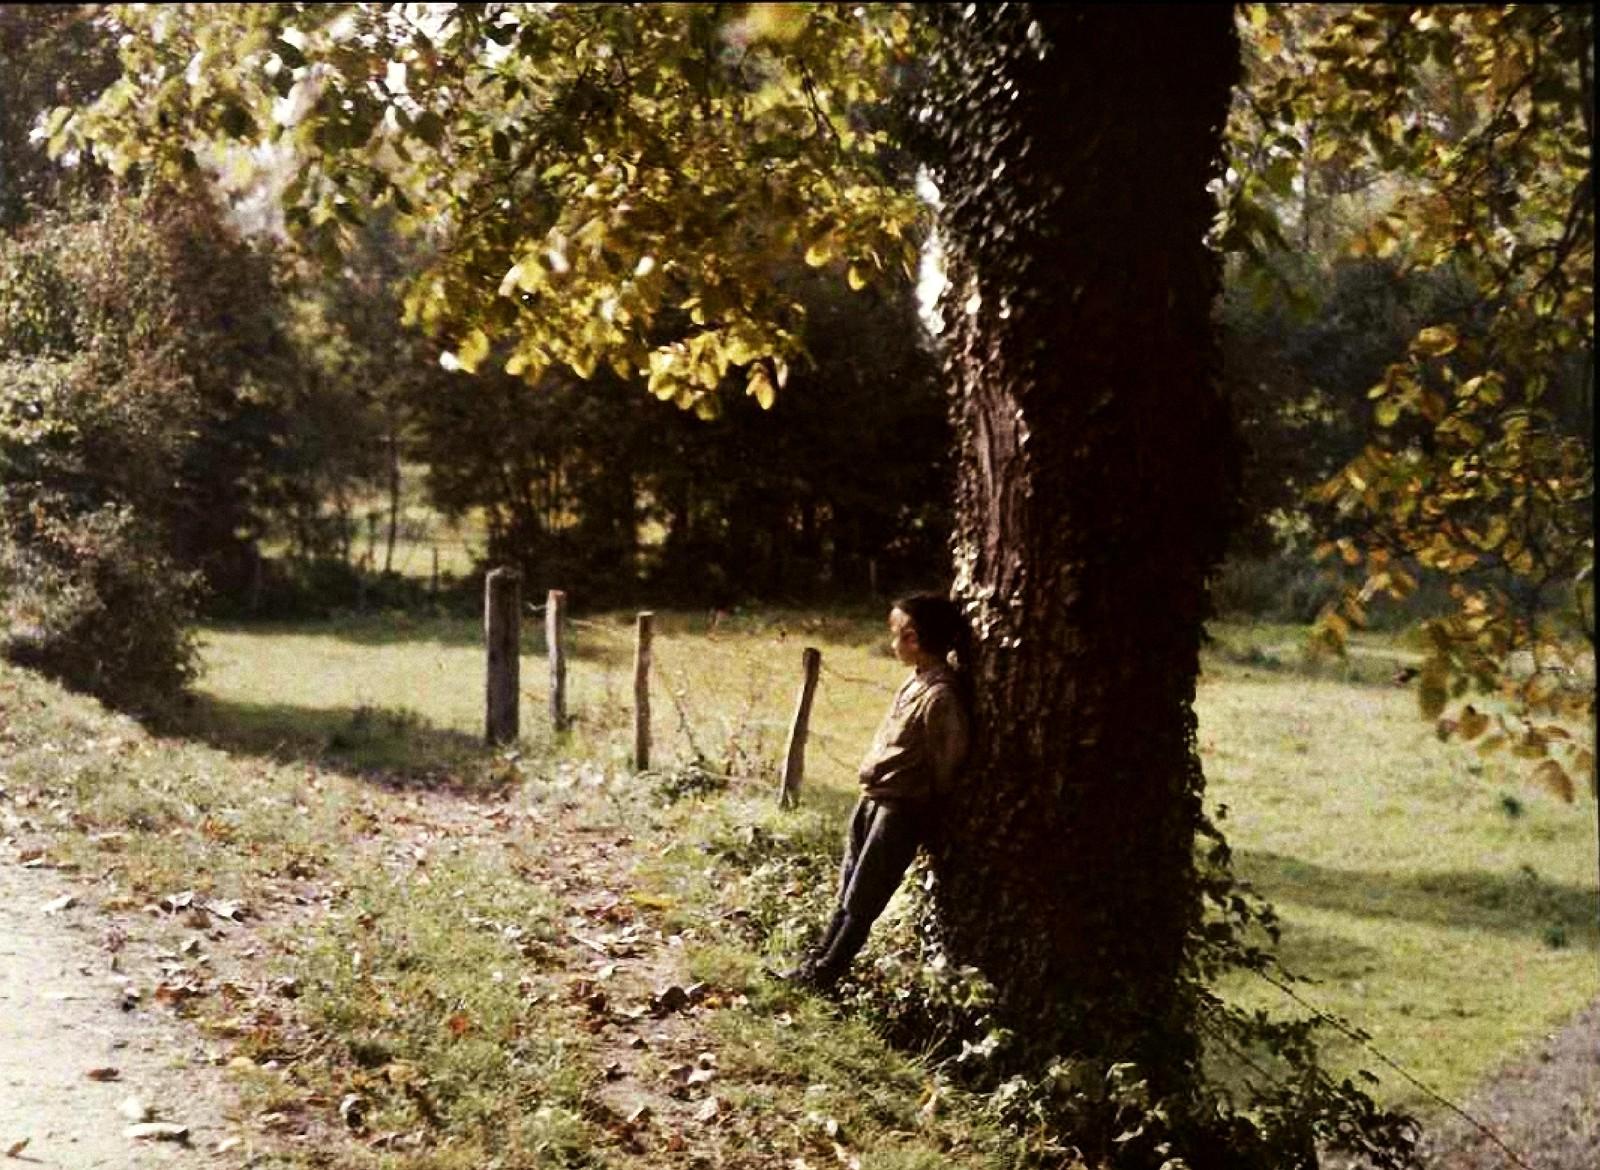 1910. Пьер Гейн возле дерева